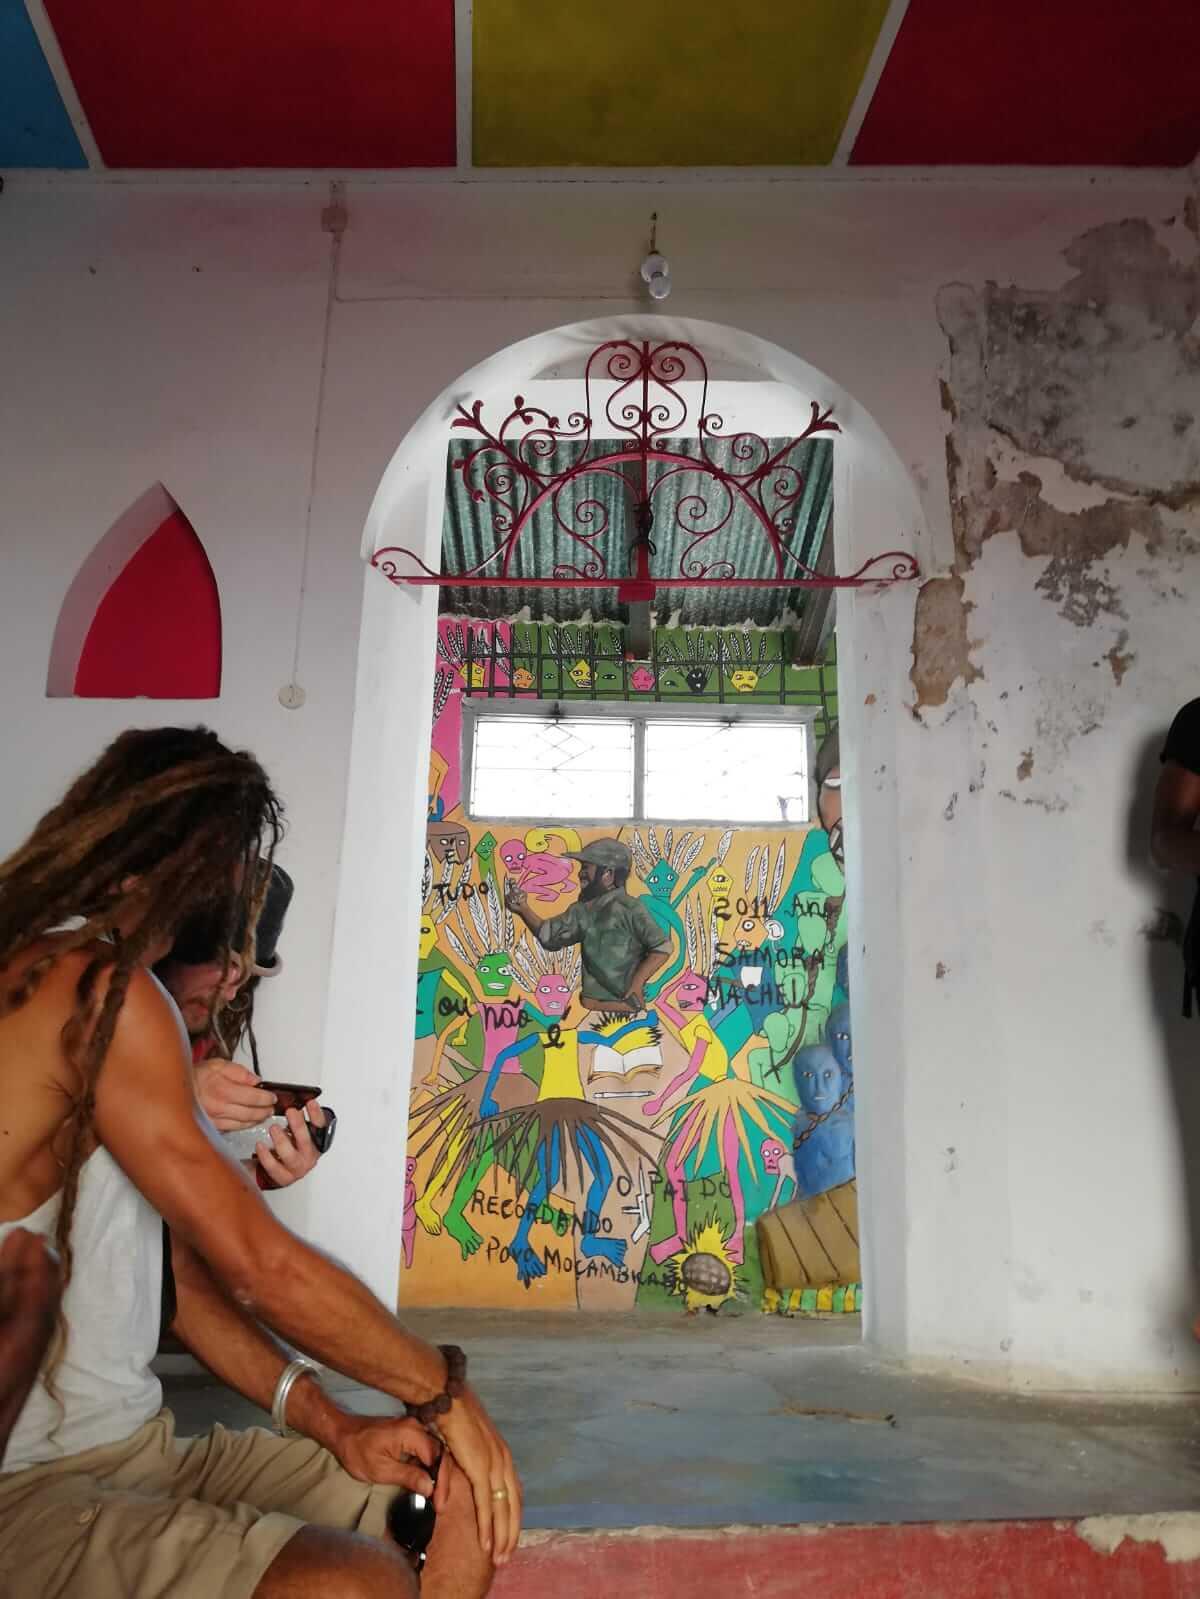 turistas sentados a apreciar grafitis